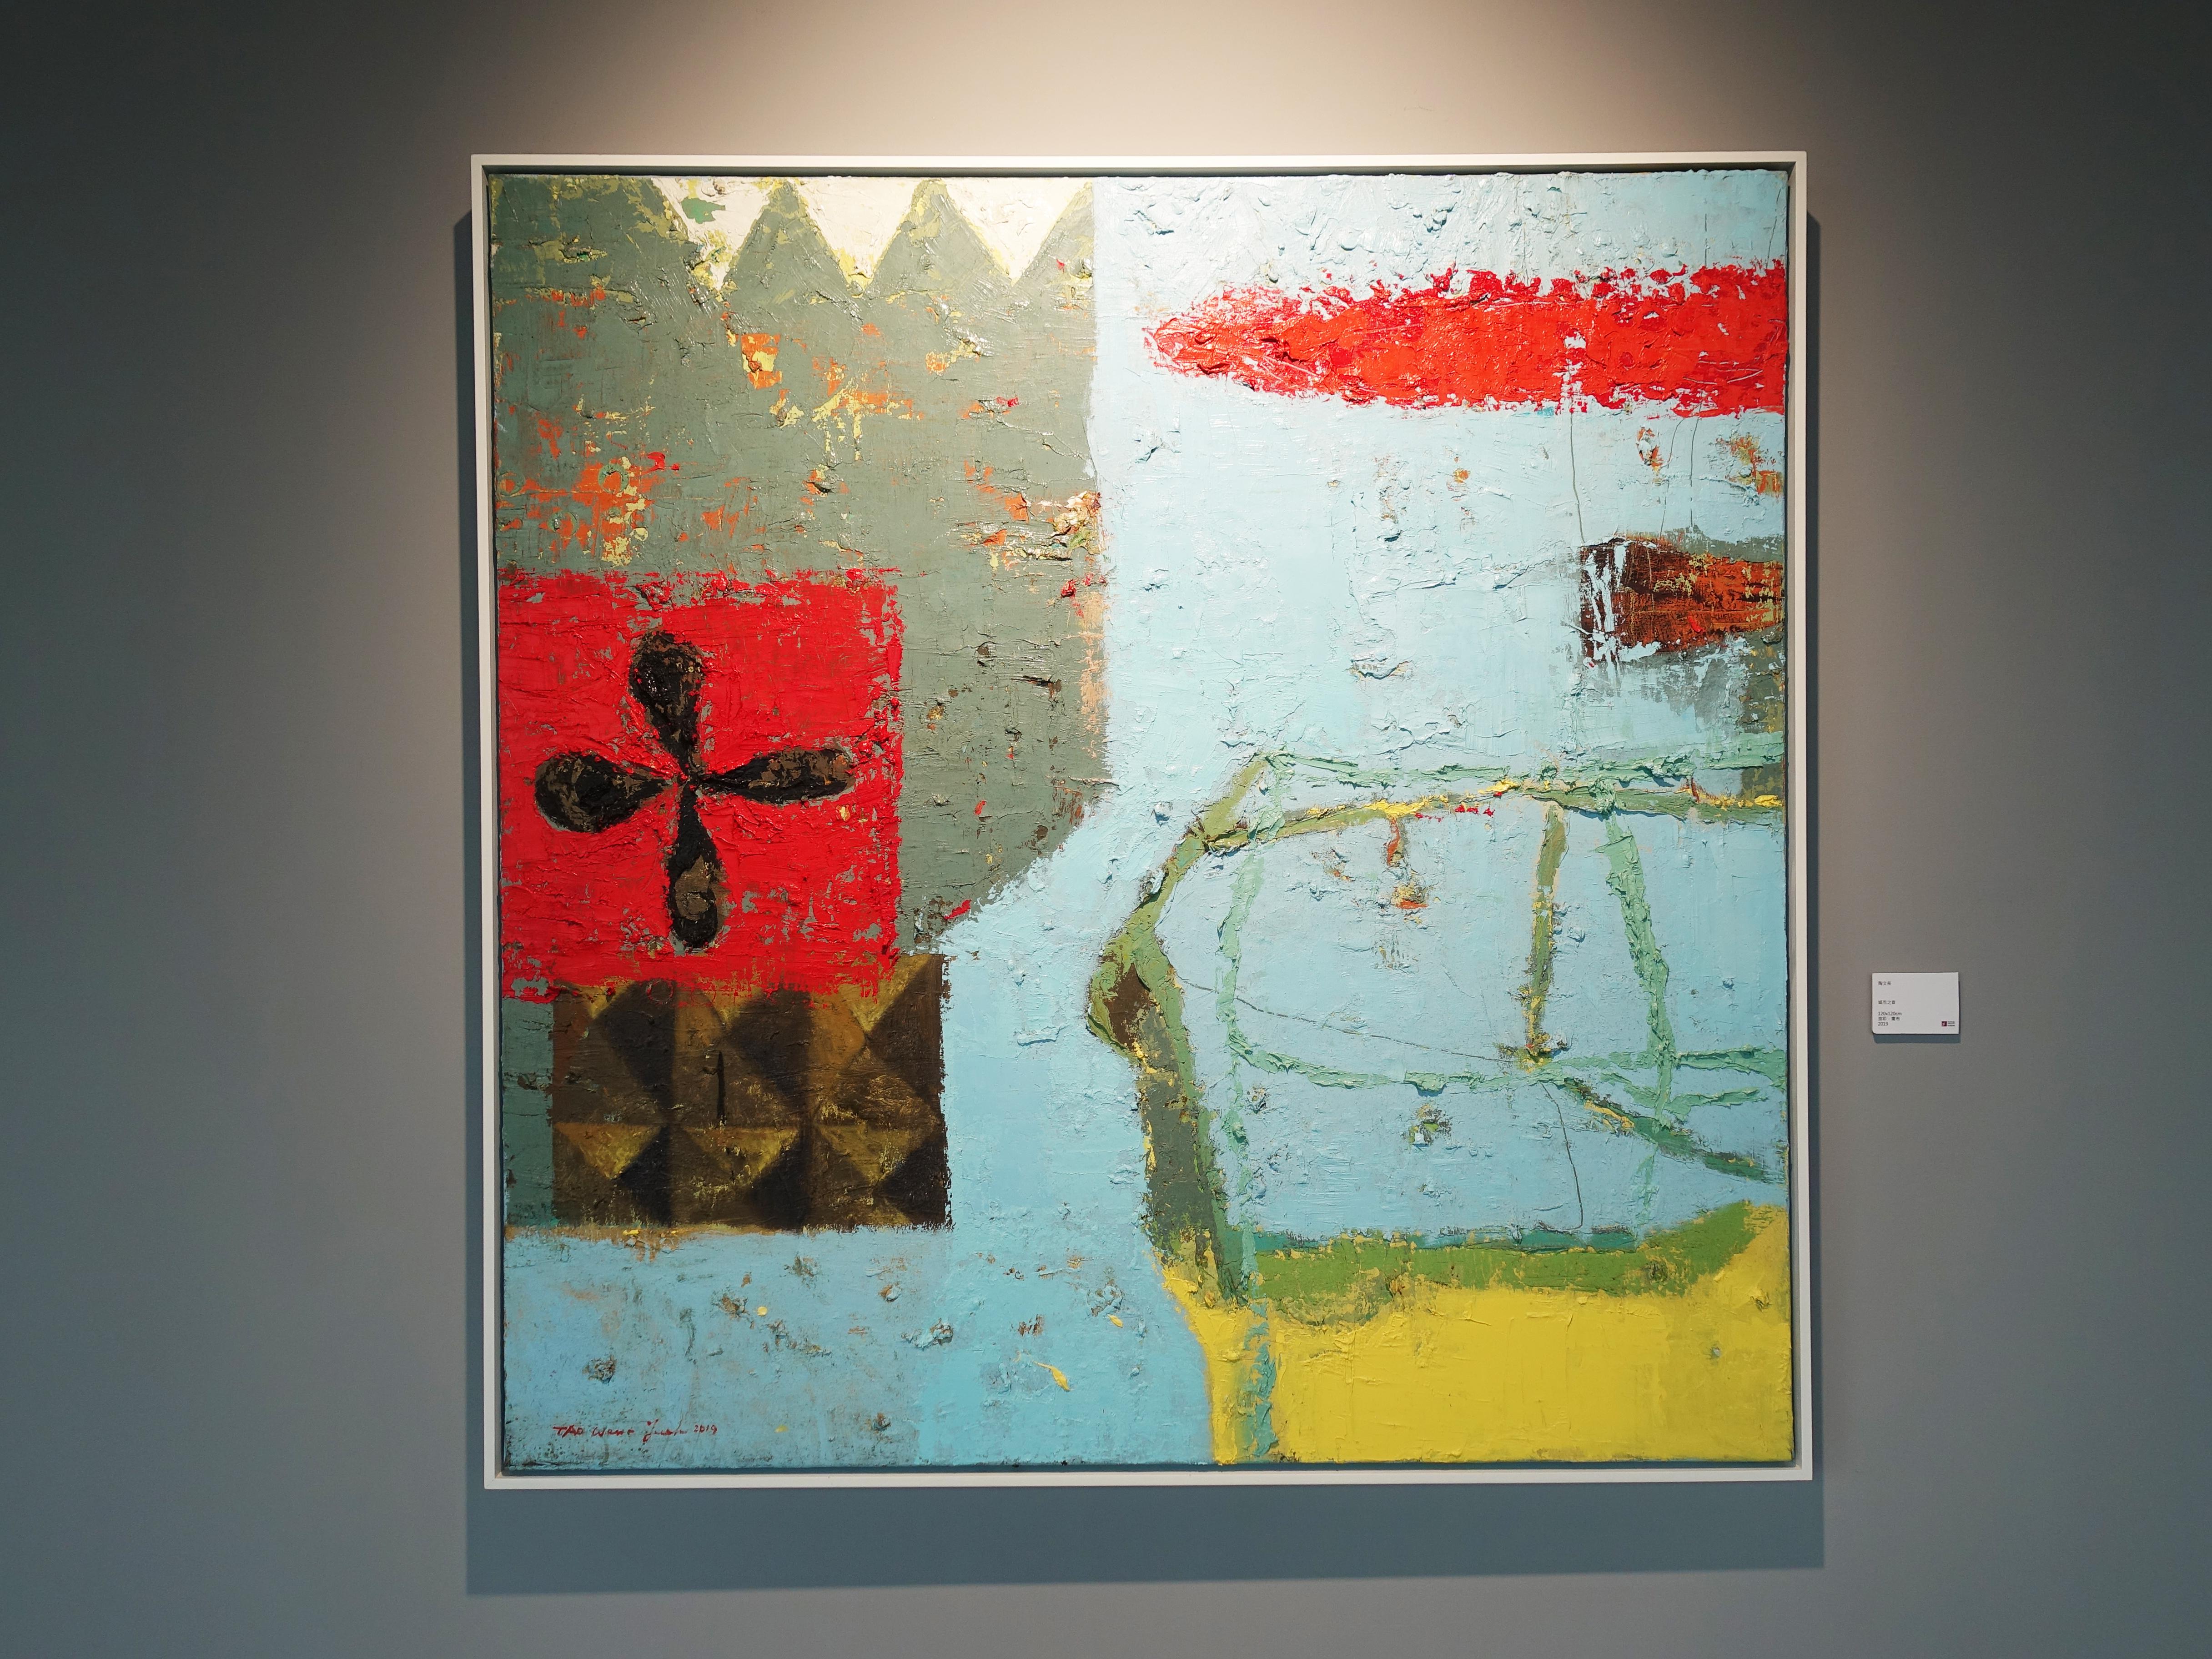 陶文岳,《城市之音》,120 x 120 cm,油彩、畫布,2019。